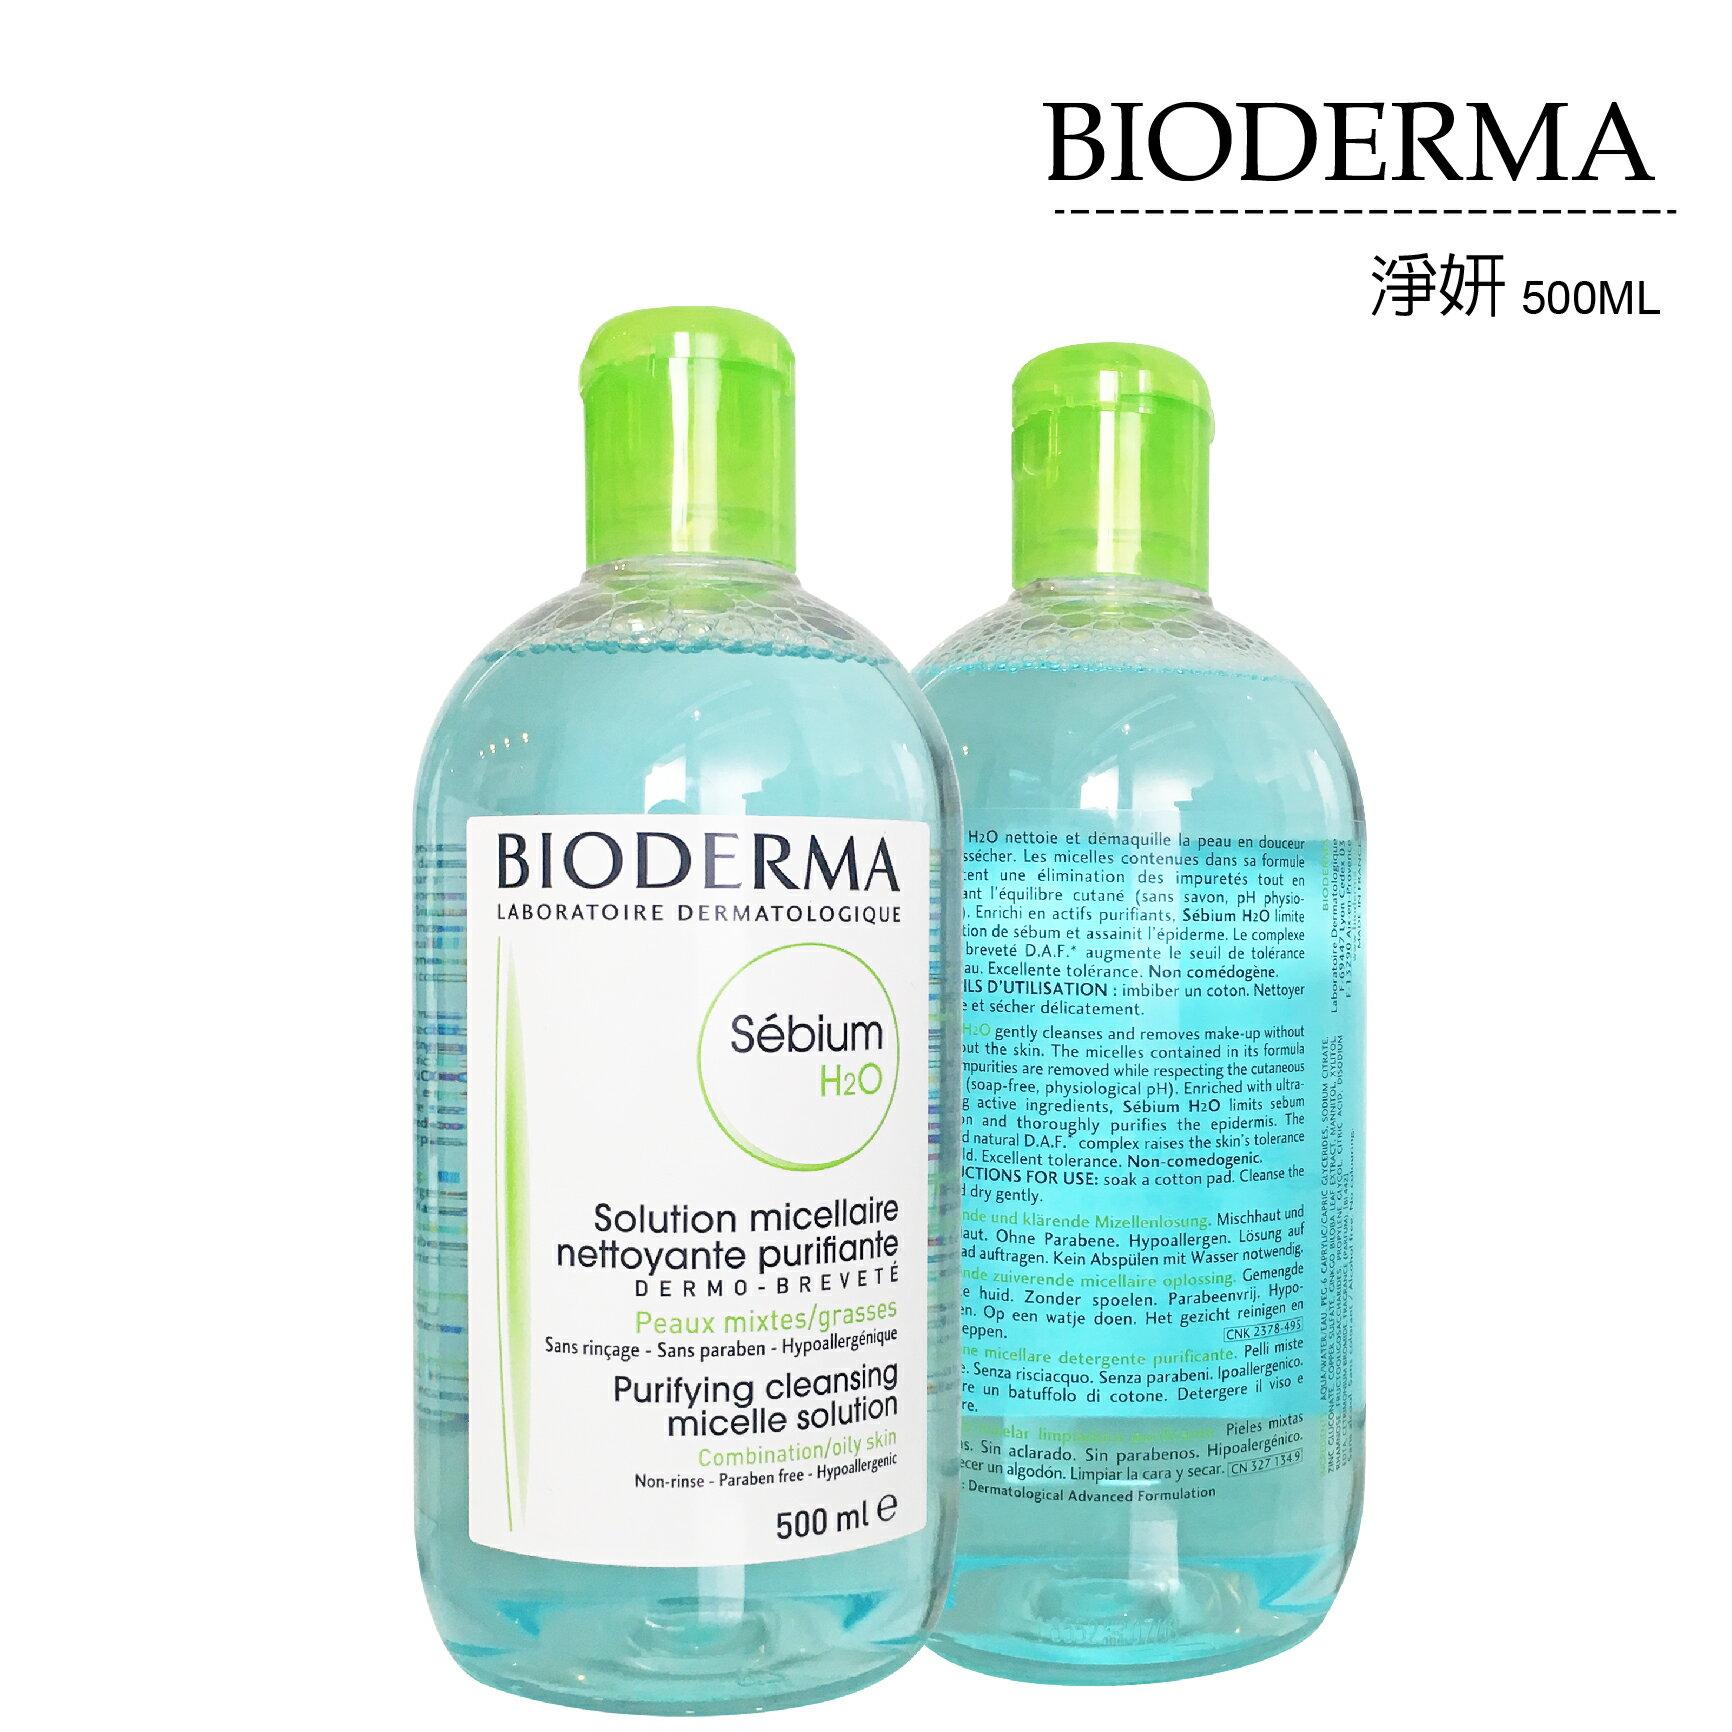 【特惠價兩入】BIODERMA 貝德瑪 淨妍高效潔膚液 Sebium 高效潔膚液 500ml